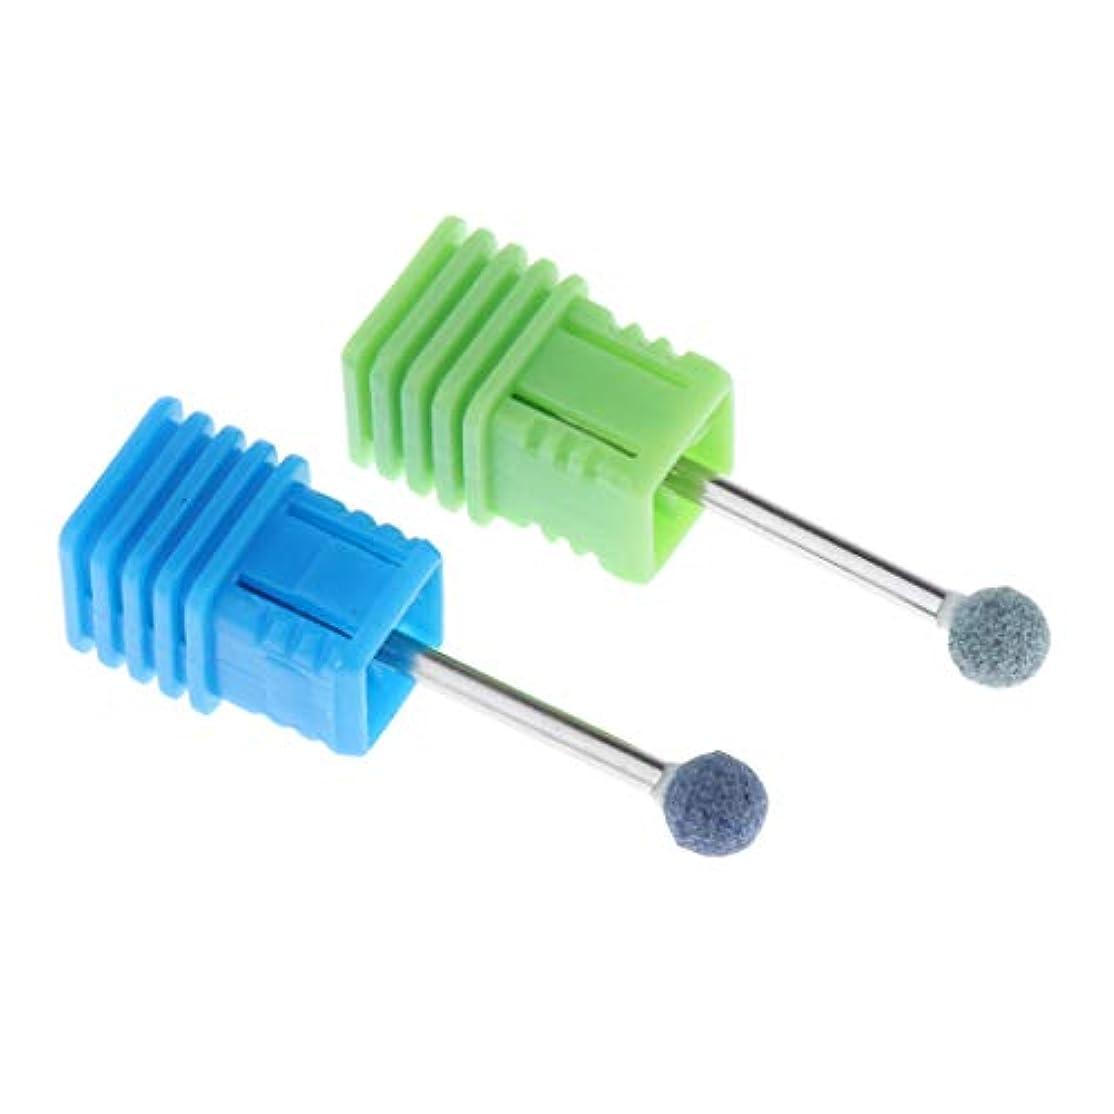 ボリューム応用地味な爪 磨き ヘッド 電動研磨ヘッド ネイル グラインド ヘッド アクリルネイル用ツール 2個 全6カラー - 緑+青